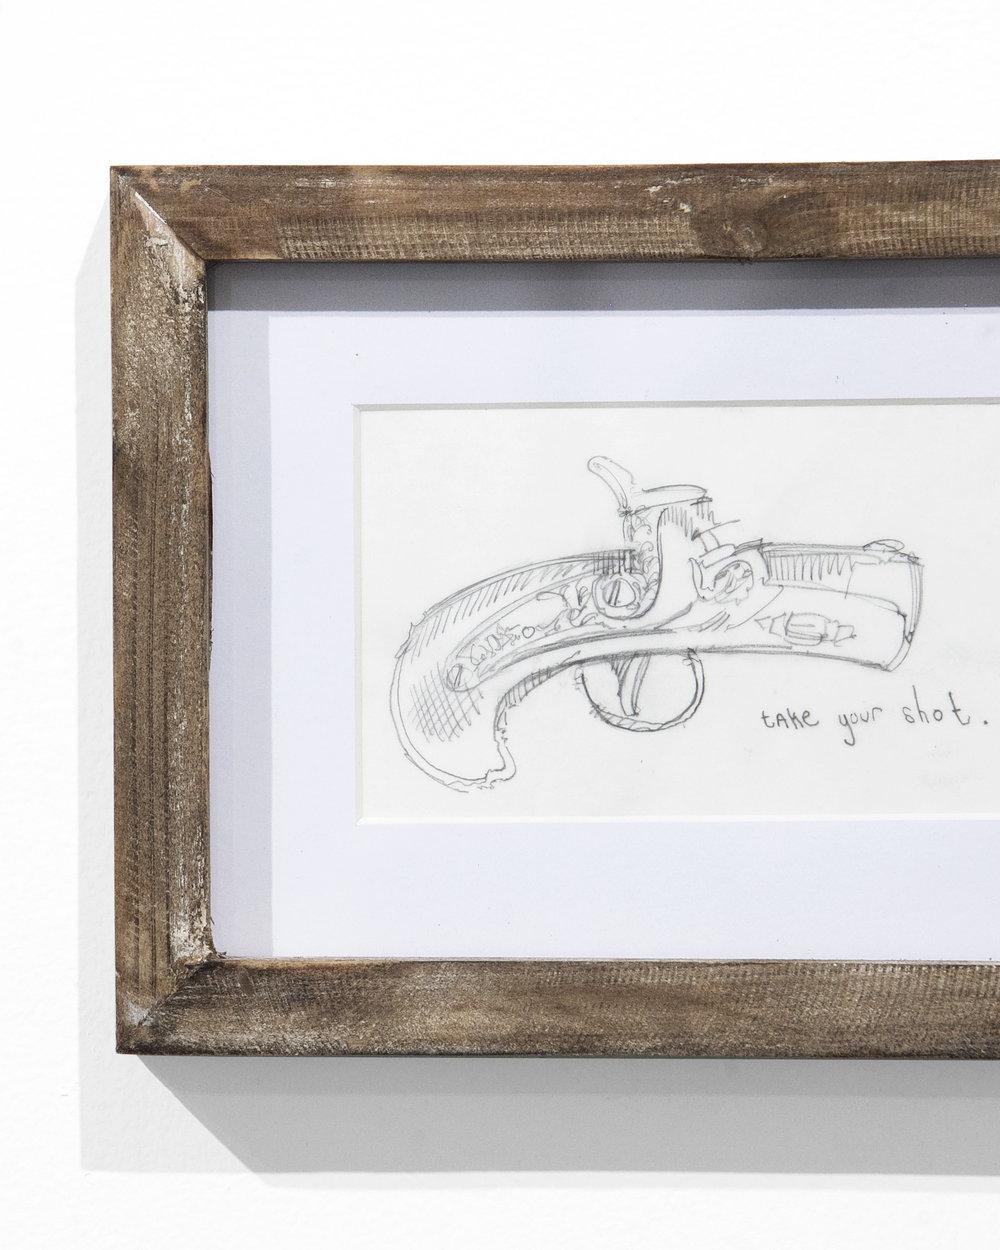 danhampe_framed_gun_1.jpg